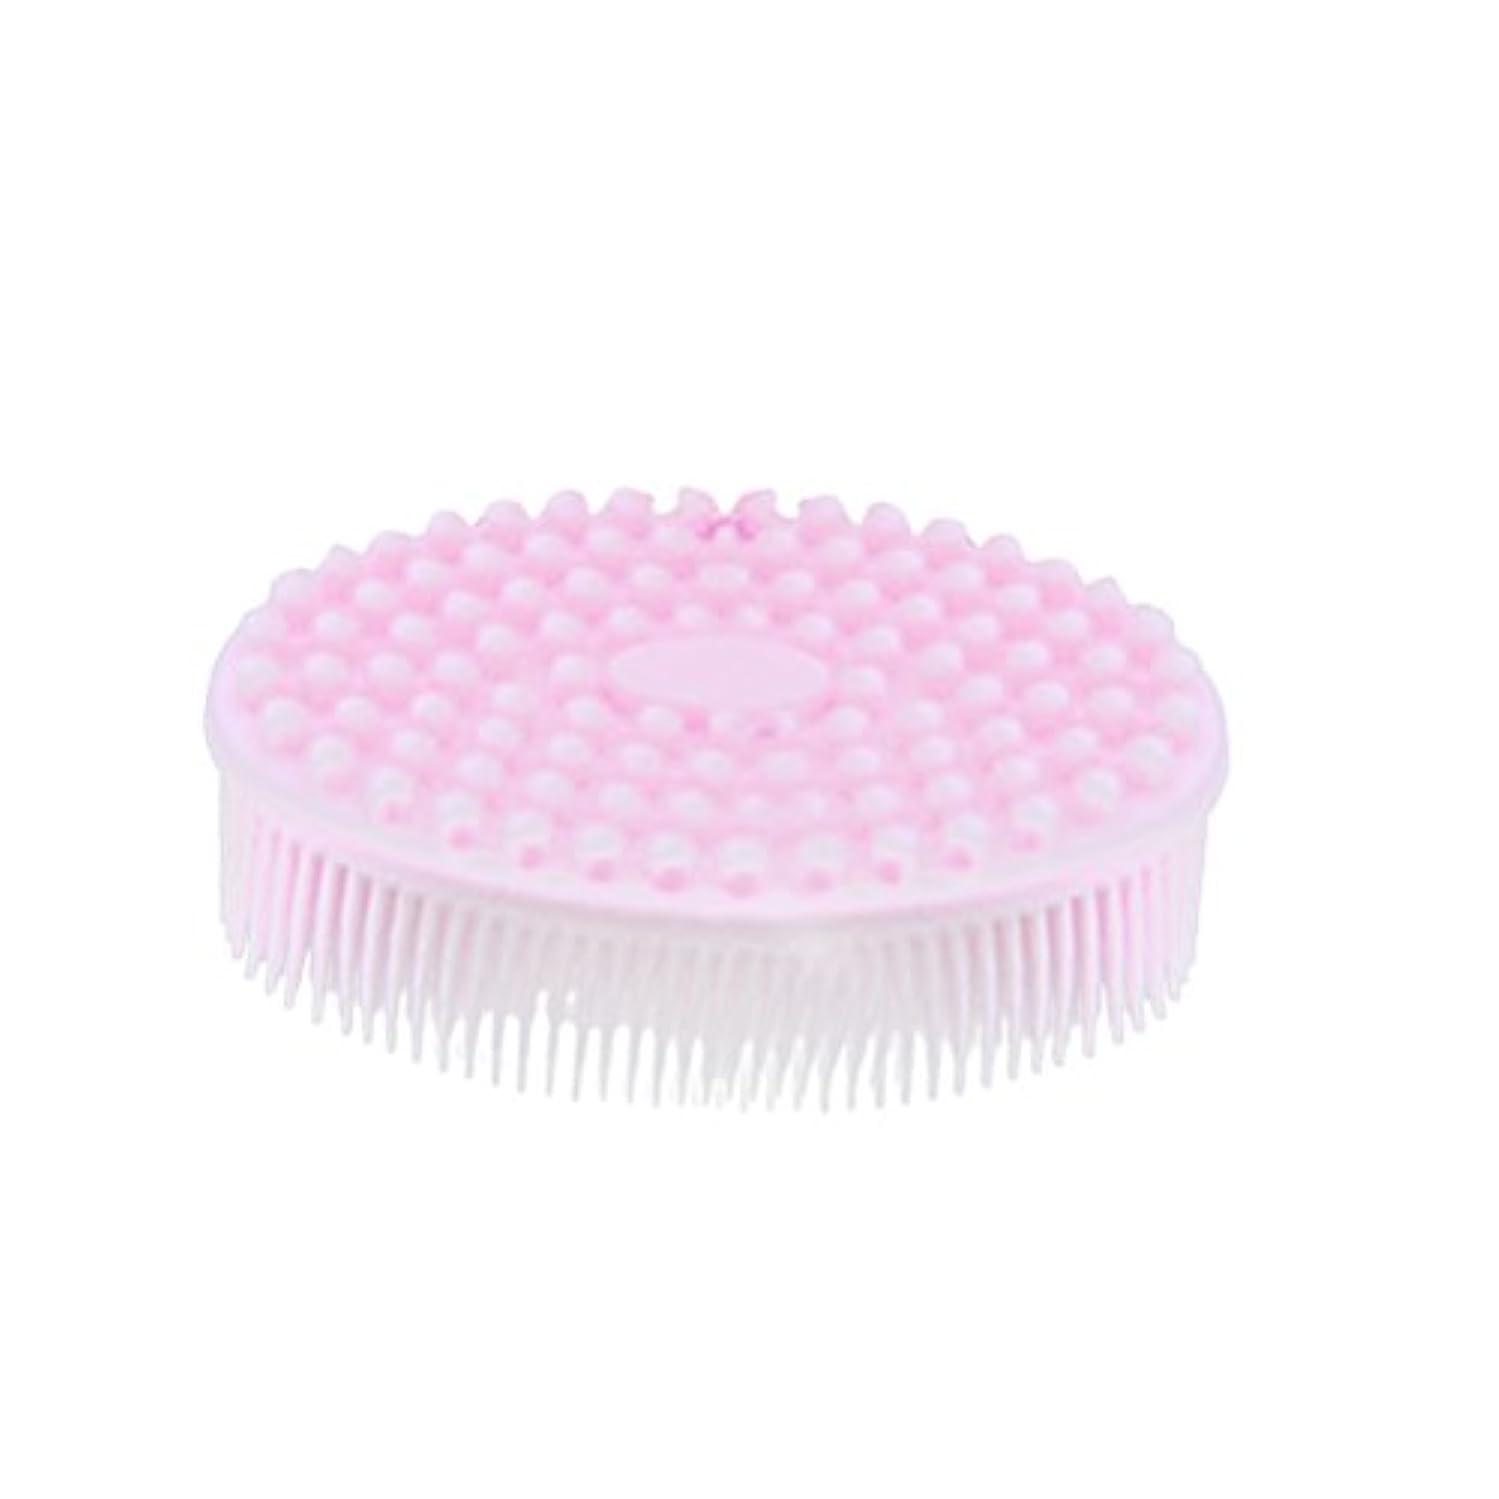 ハグ接続詞商標SUPVOX シャワーボディー用シリコンボディブラシ剥離ブラシマッサージブラシ(ピンク)